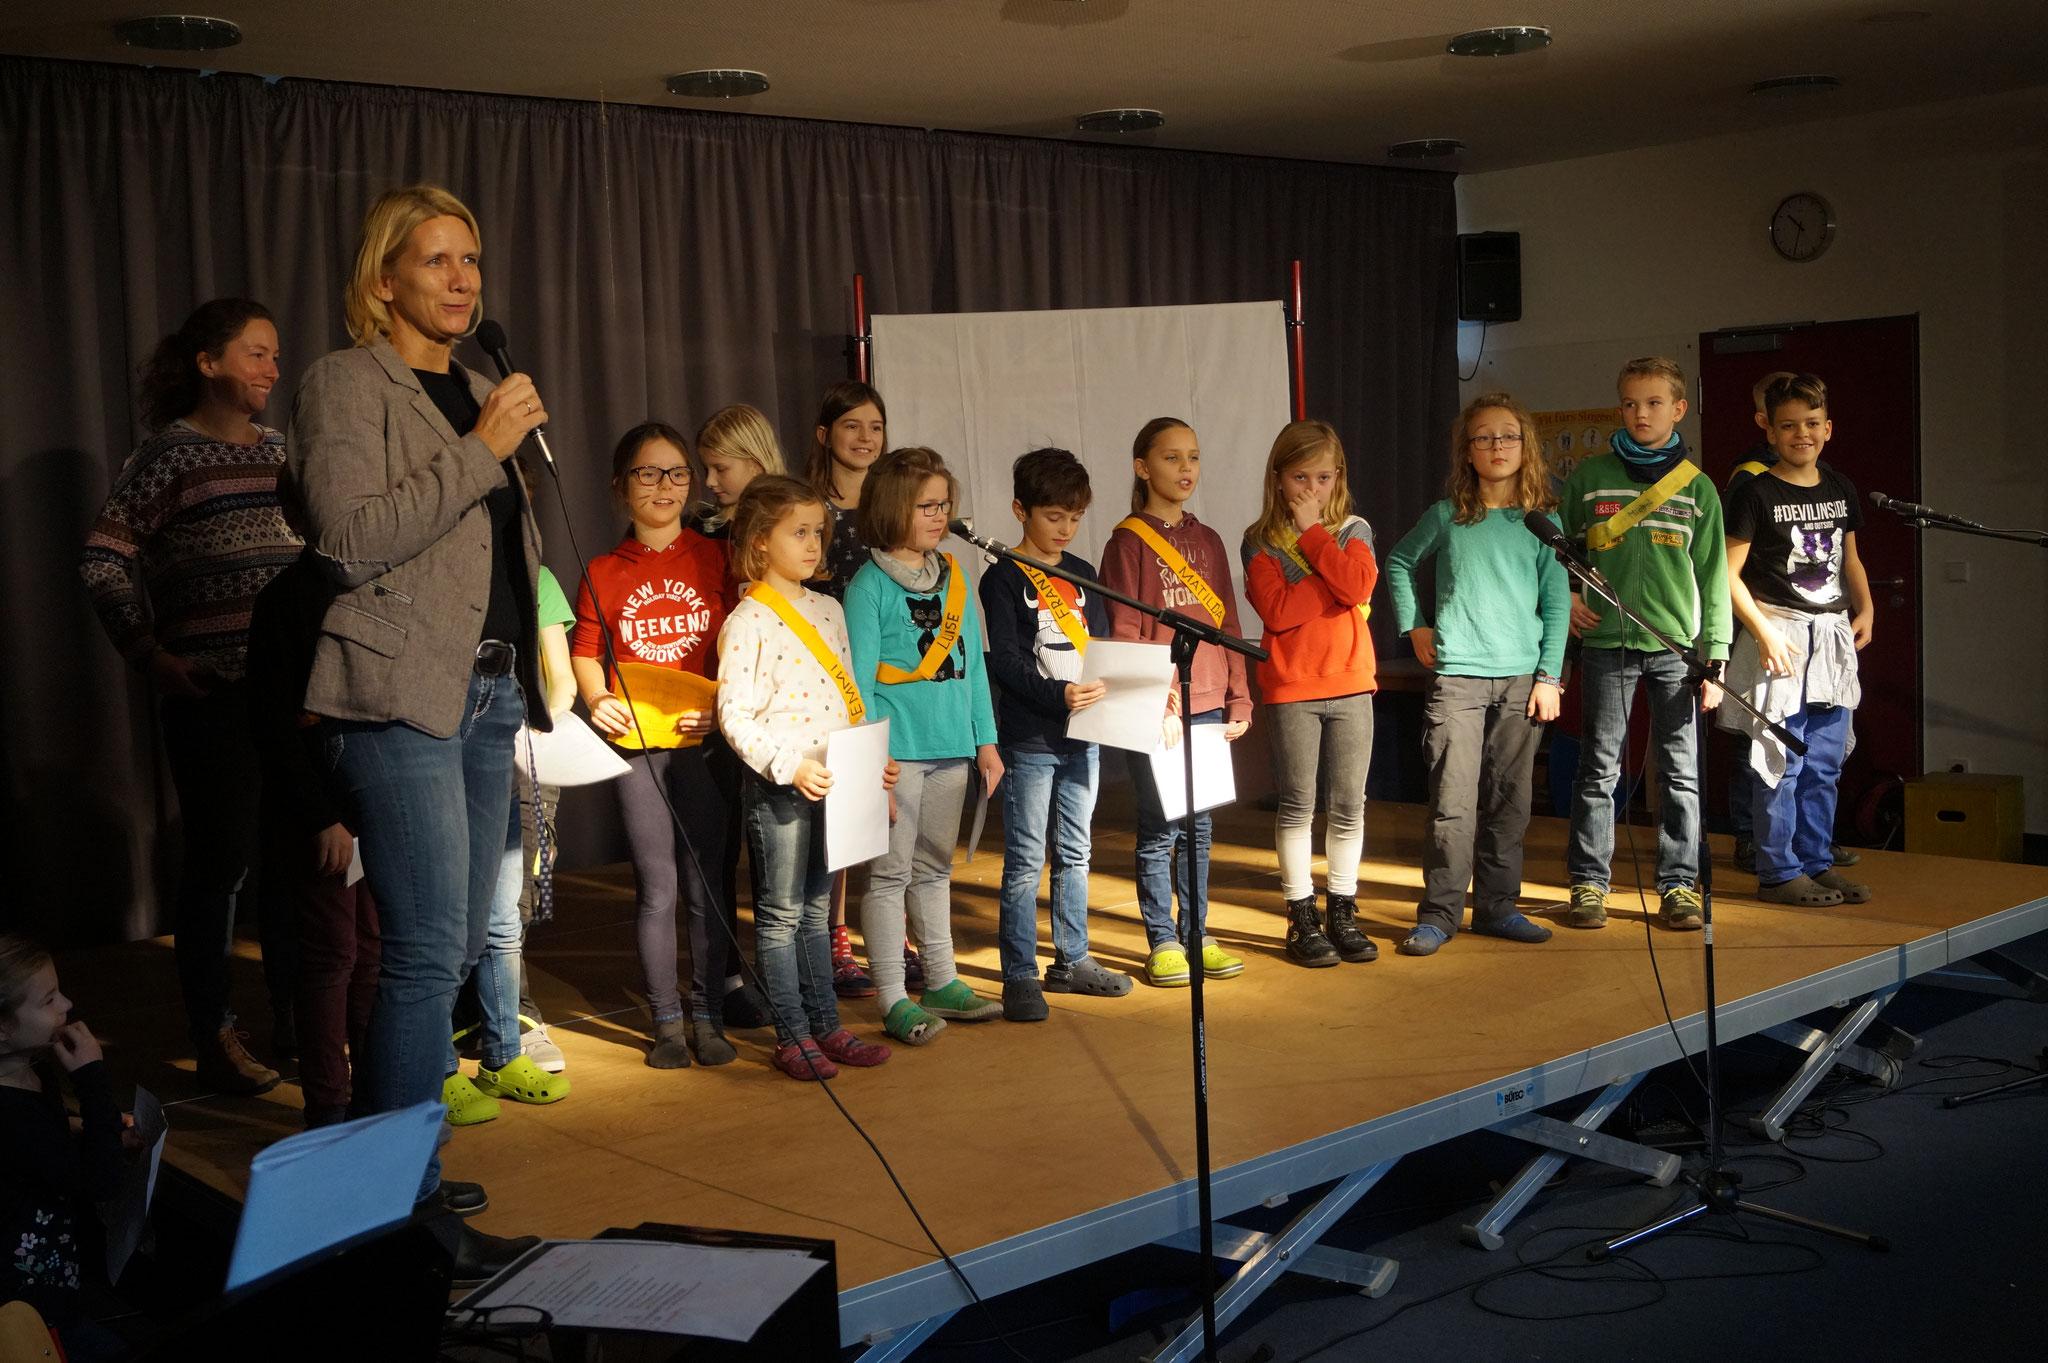 Frau Schwarz dankt Frau Ertl für ihre Arbeit.